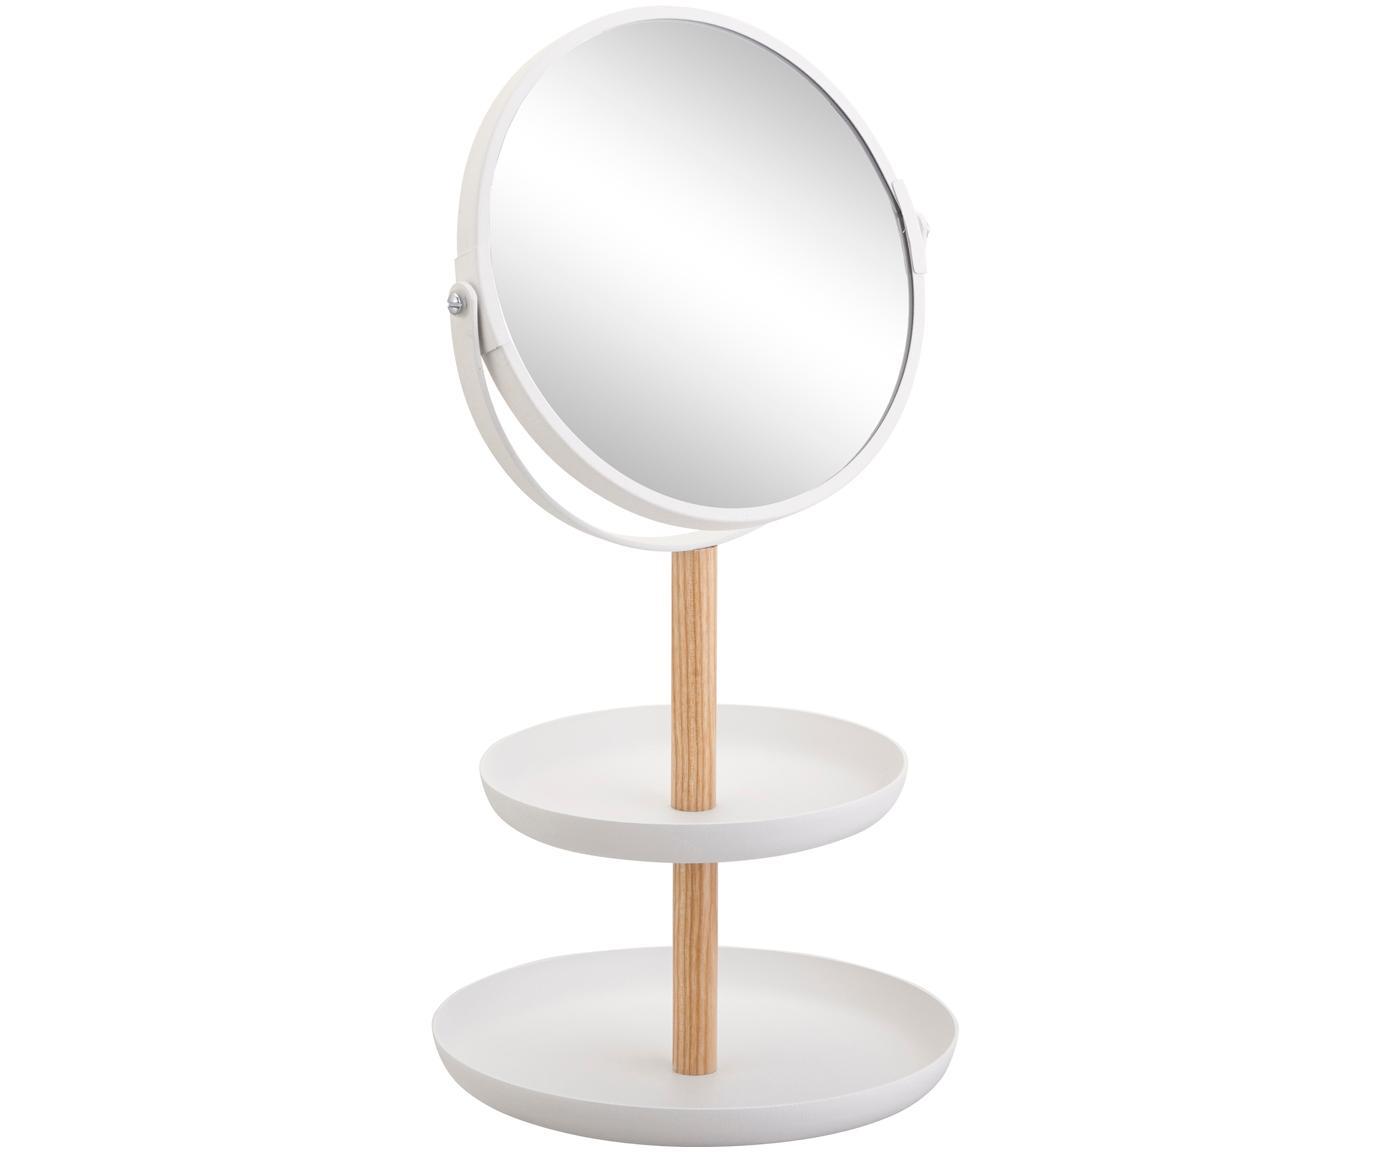 Kosmetikspiegel Tosca mit Vergrösserung, Stange: Holz, Spiegelfläche: Spiegelglas, Weiss, Braun, 18 x 33 cm